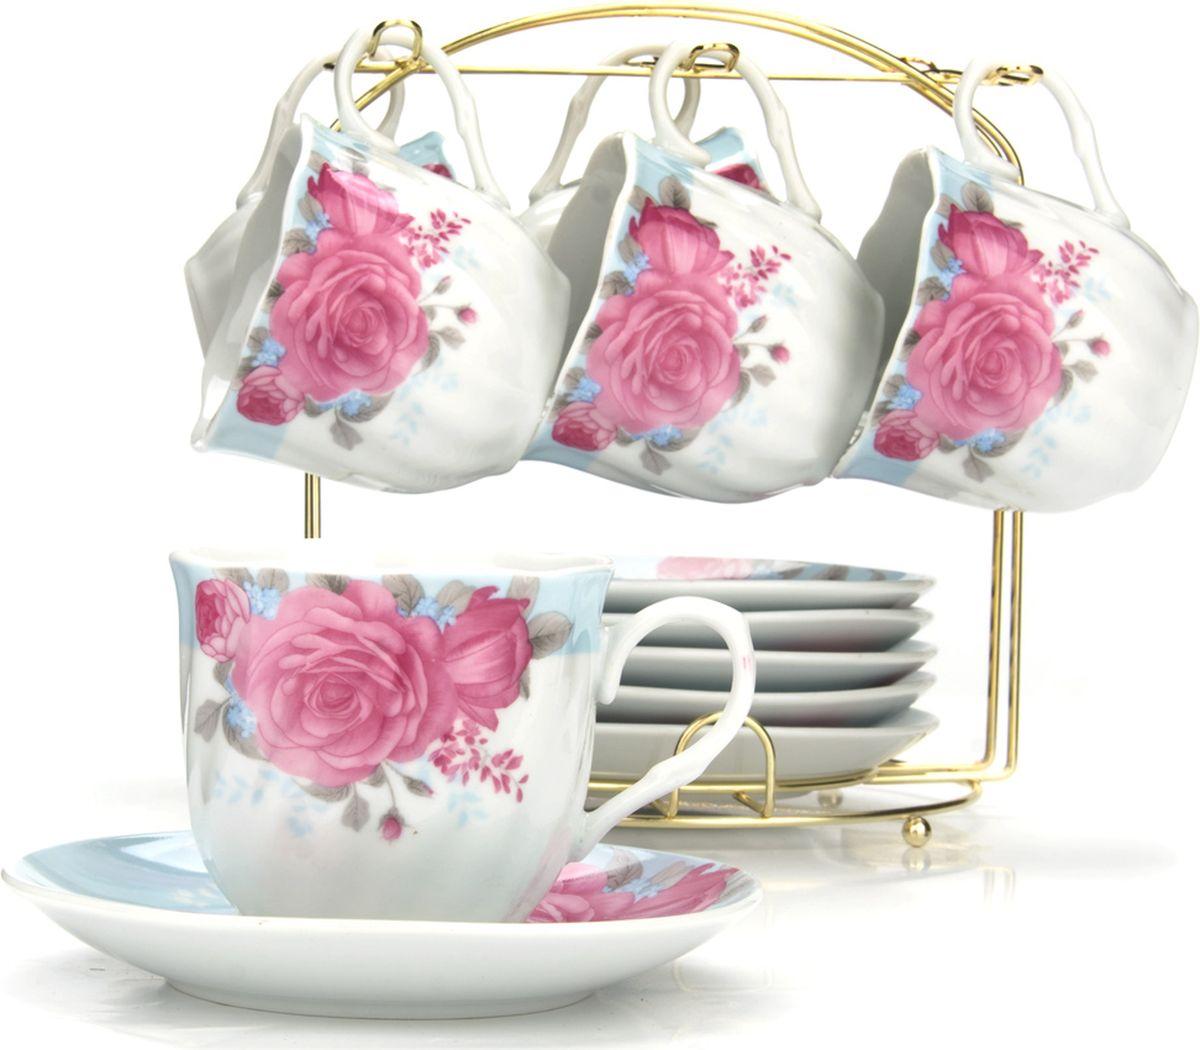 Сервиз чайный Loraine, на подставке, 13 предметов. 43283115510Чайный набор состоит из шести чашек, шести блюдец и металлической подставки золотого цвета. Предметы набора изготовлены из качественного фарфора и оформлены красочным цветным рисунком, стенки чашек имеют изящную волнистую поверхность. Чайный набор идеально подойдет для сервировки стола и станет отличным подарком к любому празднику. Все изделия можно компактно хранить на подставке, входящей в набор. Подходит для мытья в посудомоечной машине.Диаметр чашки: 8 см.Высота чашки: 7 см.Объем чашки: 200 мл.Диаметр блюдца: 13,5 см.